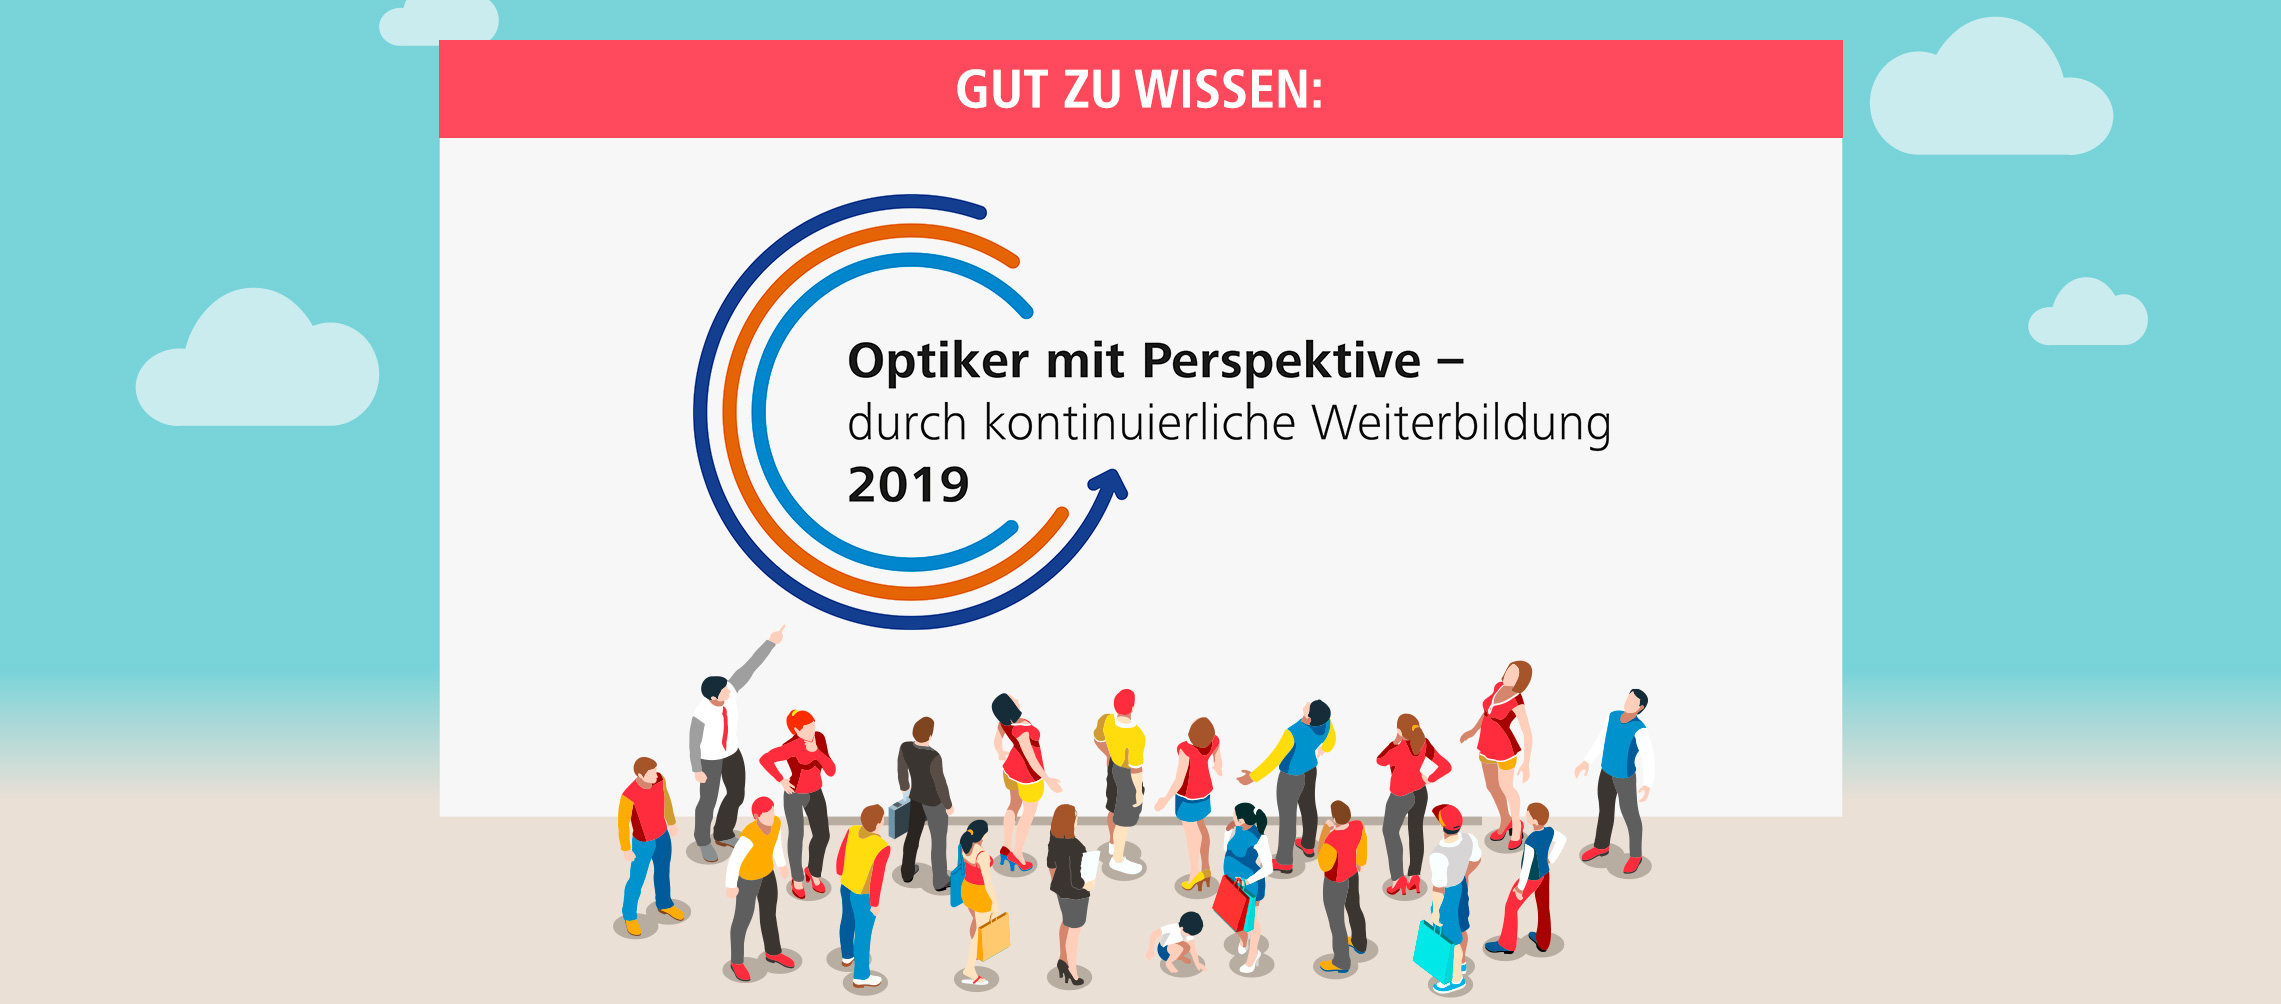 Optiker mit Perspektive 2019